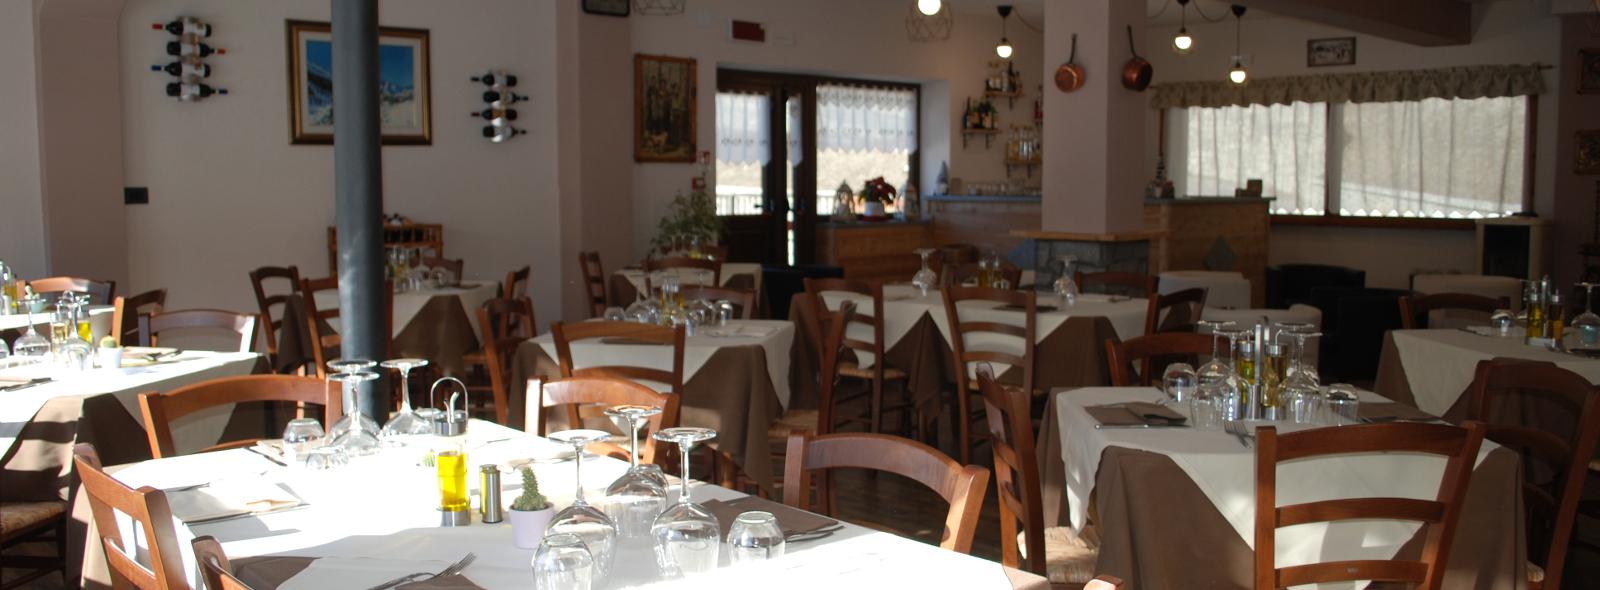 ristorante_piccolochalet_claviere